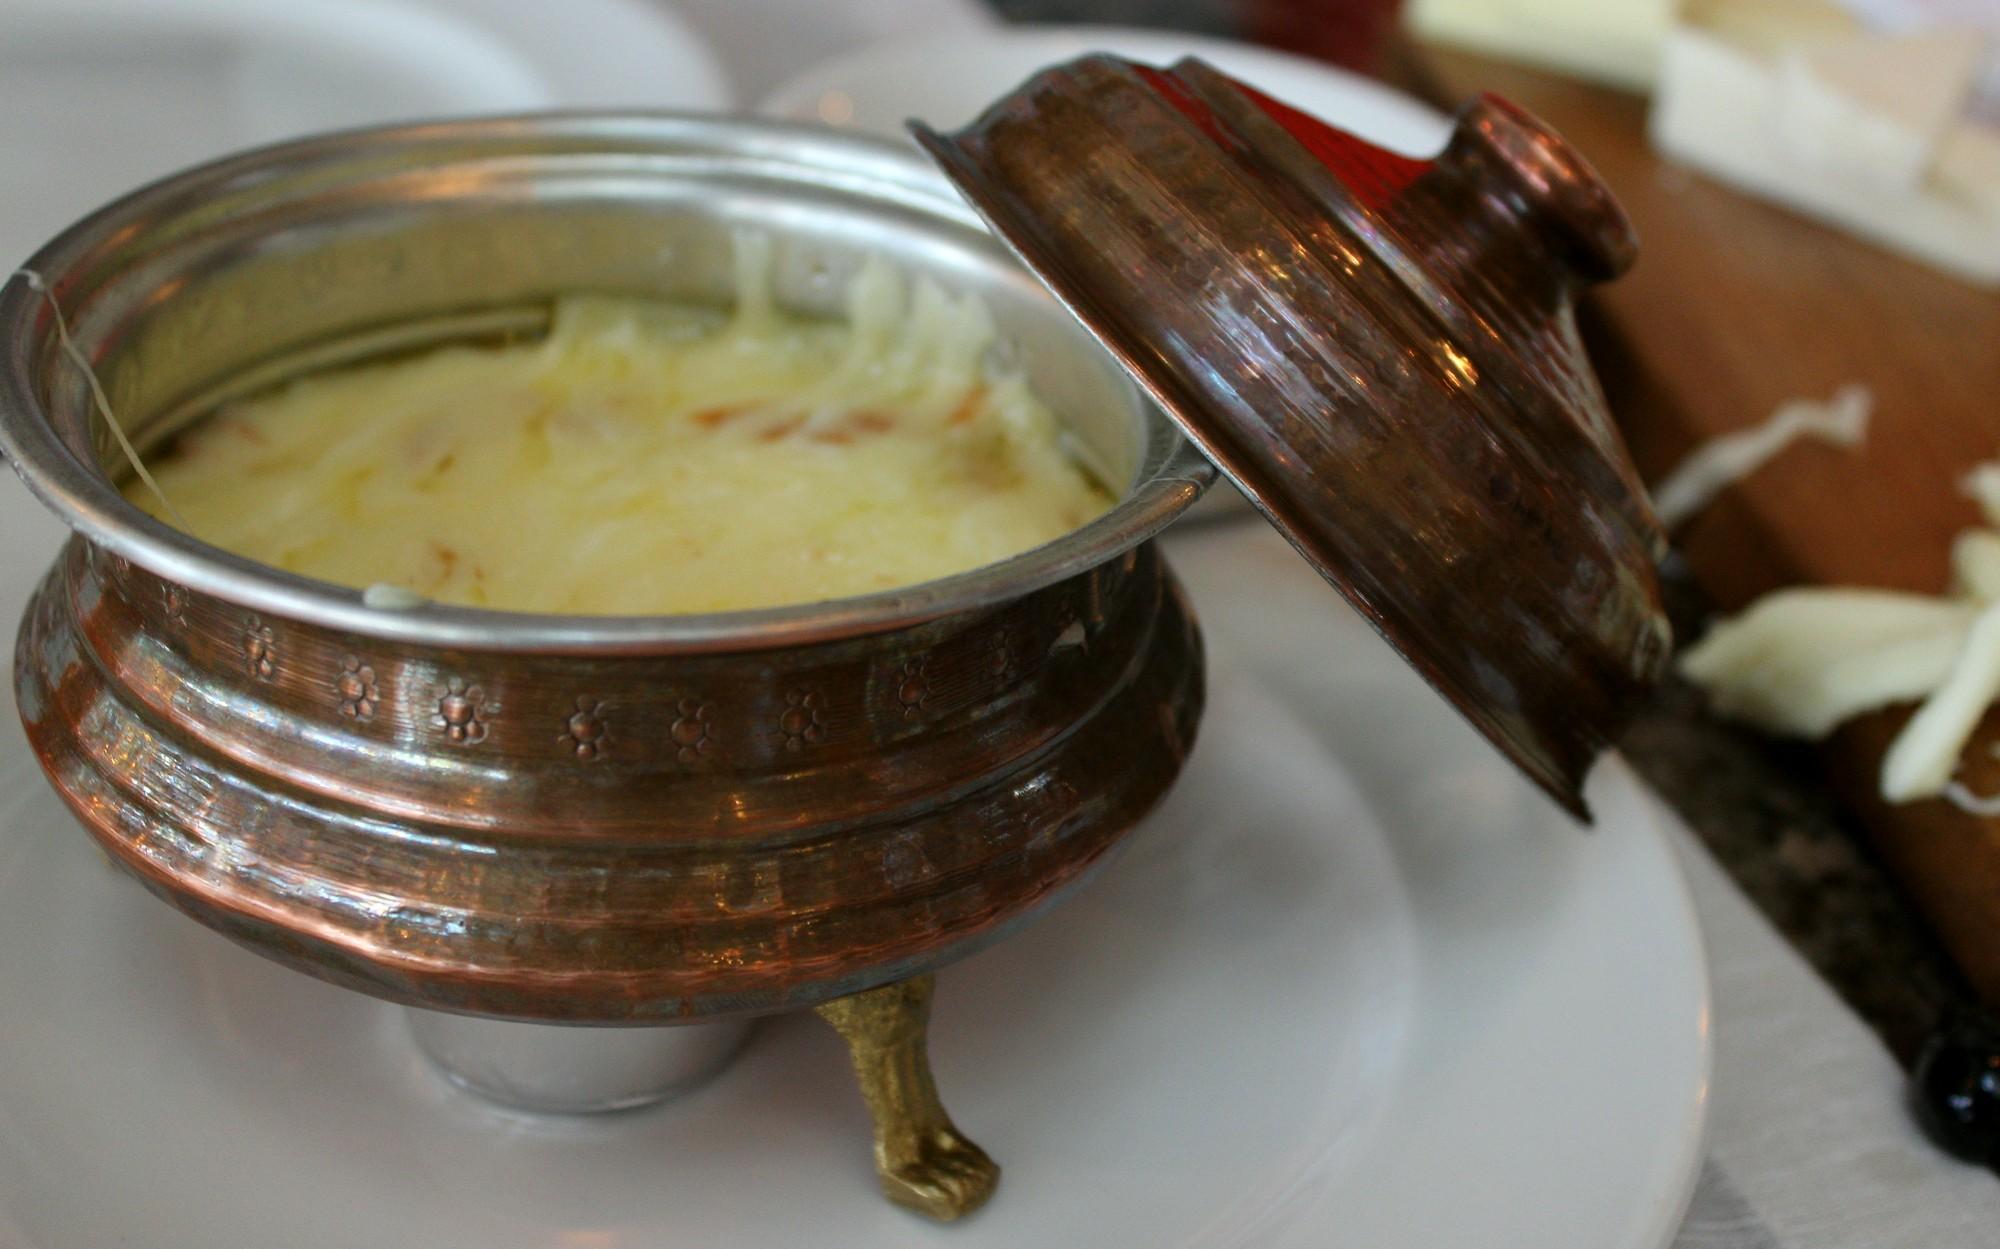 sircaci14 mıhlama muhlama, sırçacı 14 yeniköy, yeniköy mekanları, istanbul'da kahvaltı mekanları, en iyi kahvaltı, en iyi kokteyl, istanbul'da nerede ne yenir, en iyi yeme içme, yeniköy, mıhlama nasıl yapılıri muhlama tarifi